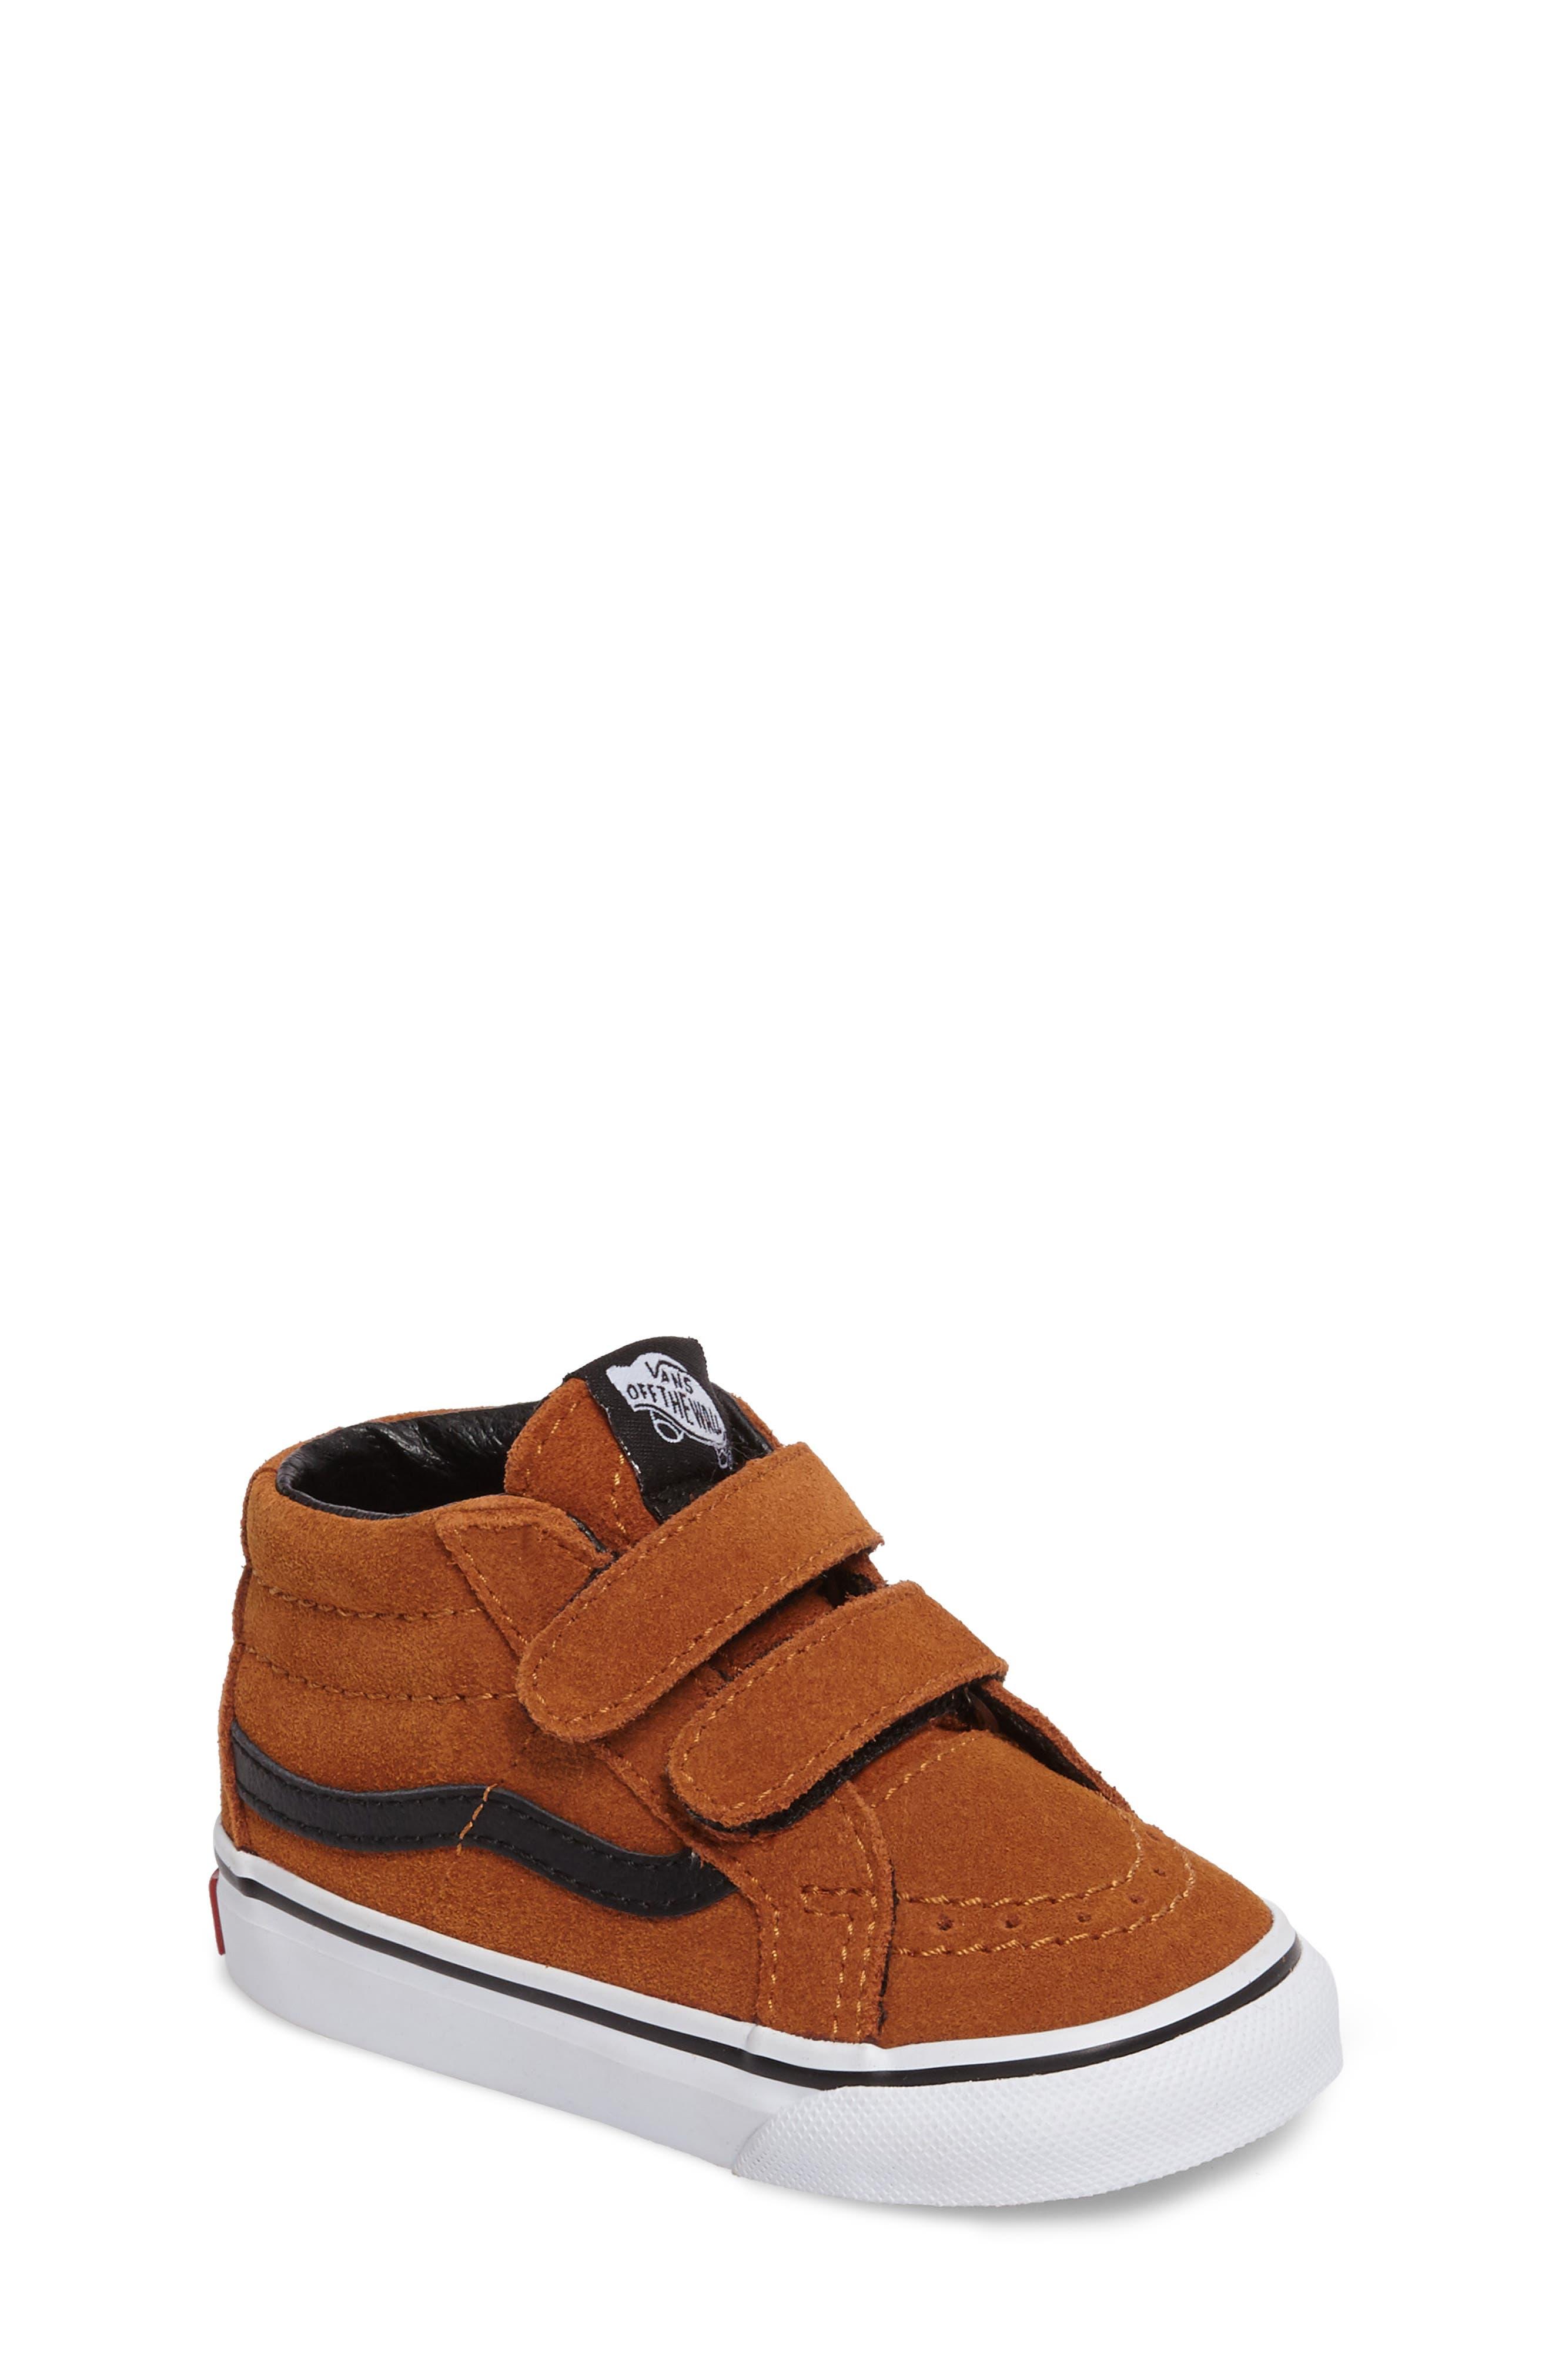 Alternate Image 1 Selected - Vans SK8-Mid Reissue Sneaker (Baby, Walker, Toddler, Little Kid & Big Kid)